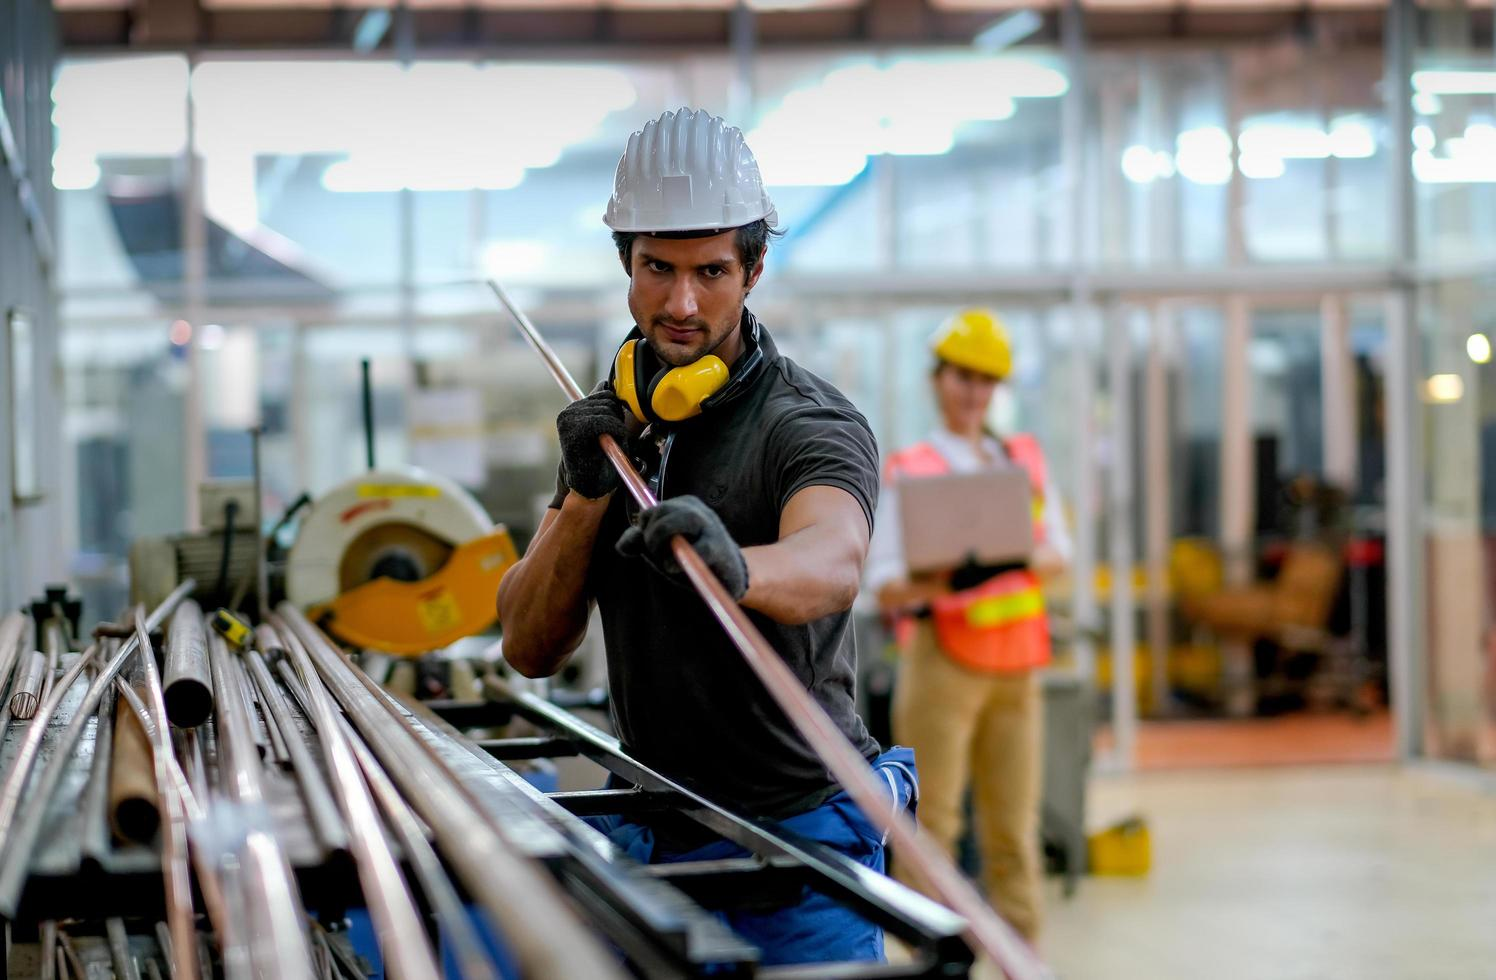 Técnico con tubos de cobre en el lugar de trabajo industrial foto